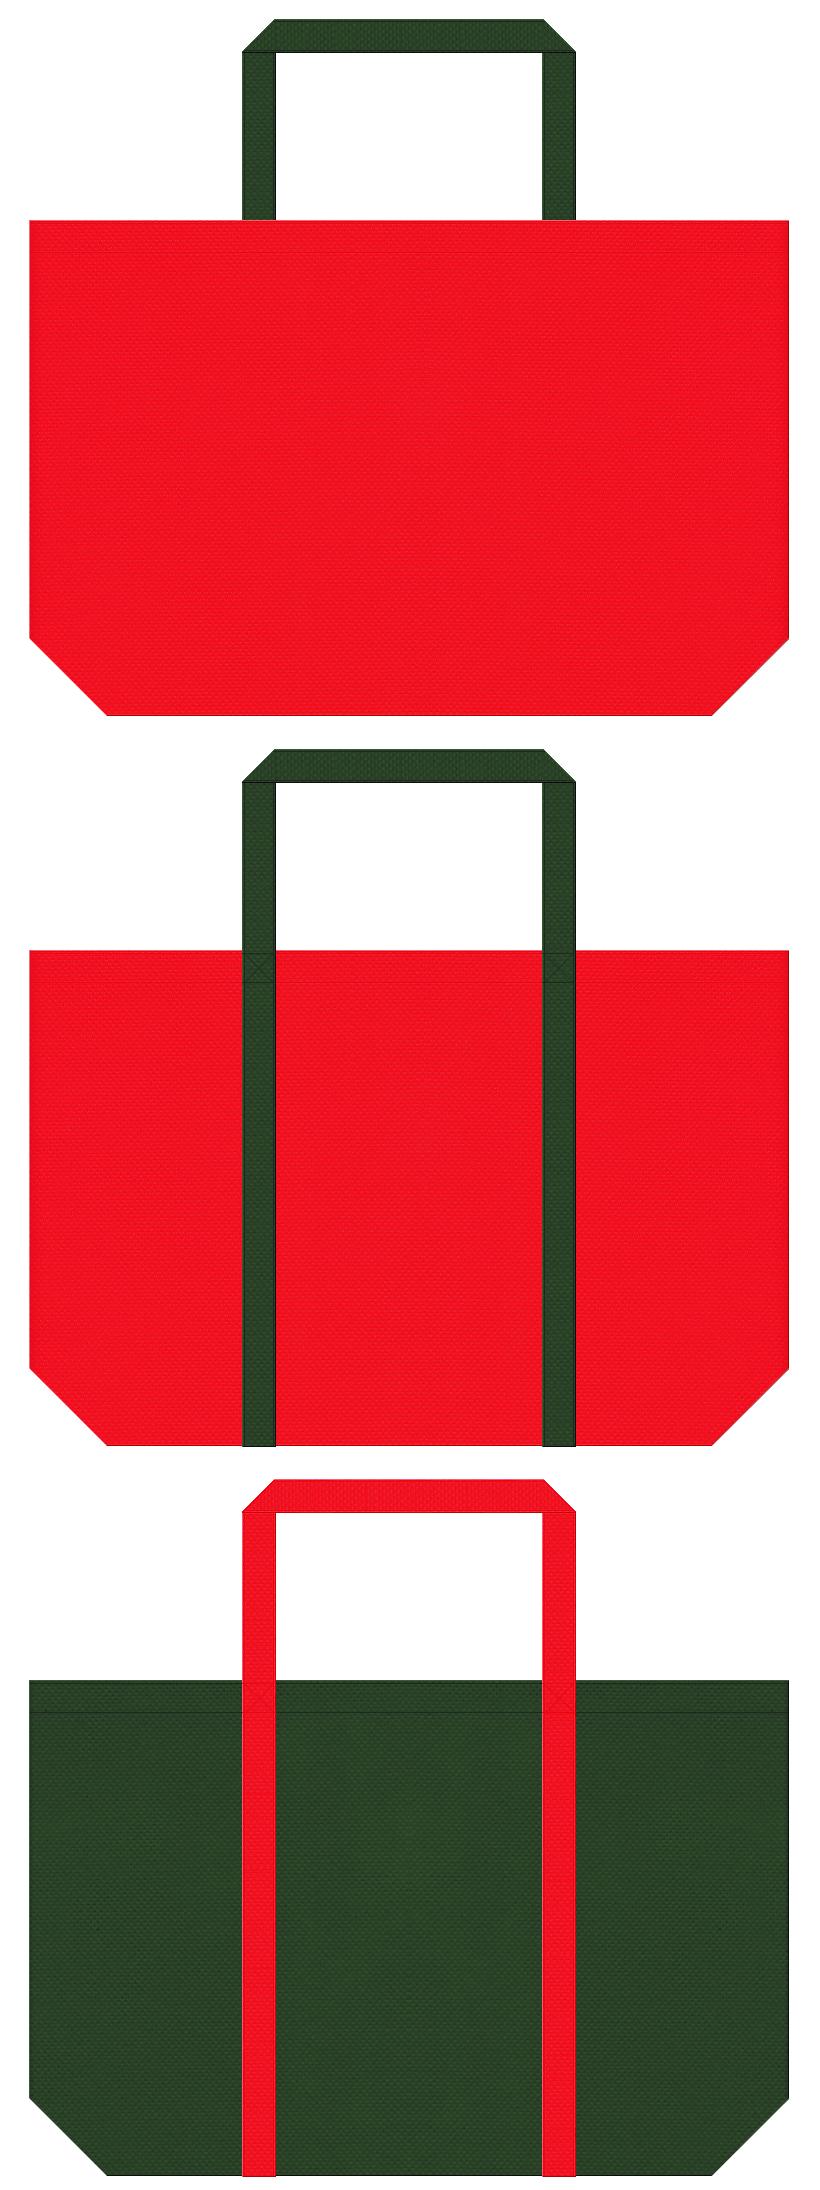 トマト・スイカ・イチゴ・クリスマスセールにお奨めの不織布ショッピングバッグのデザイン:赤色と濃緑色のコーデ